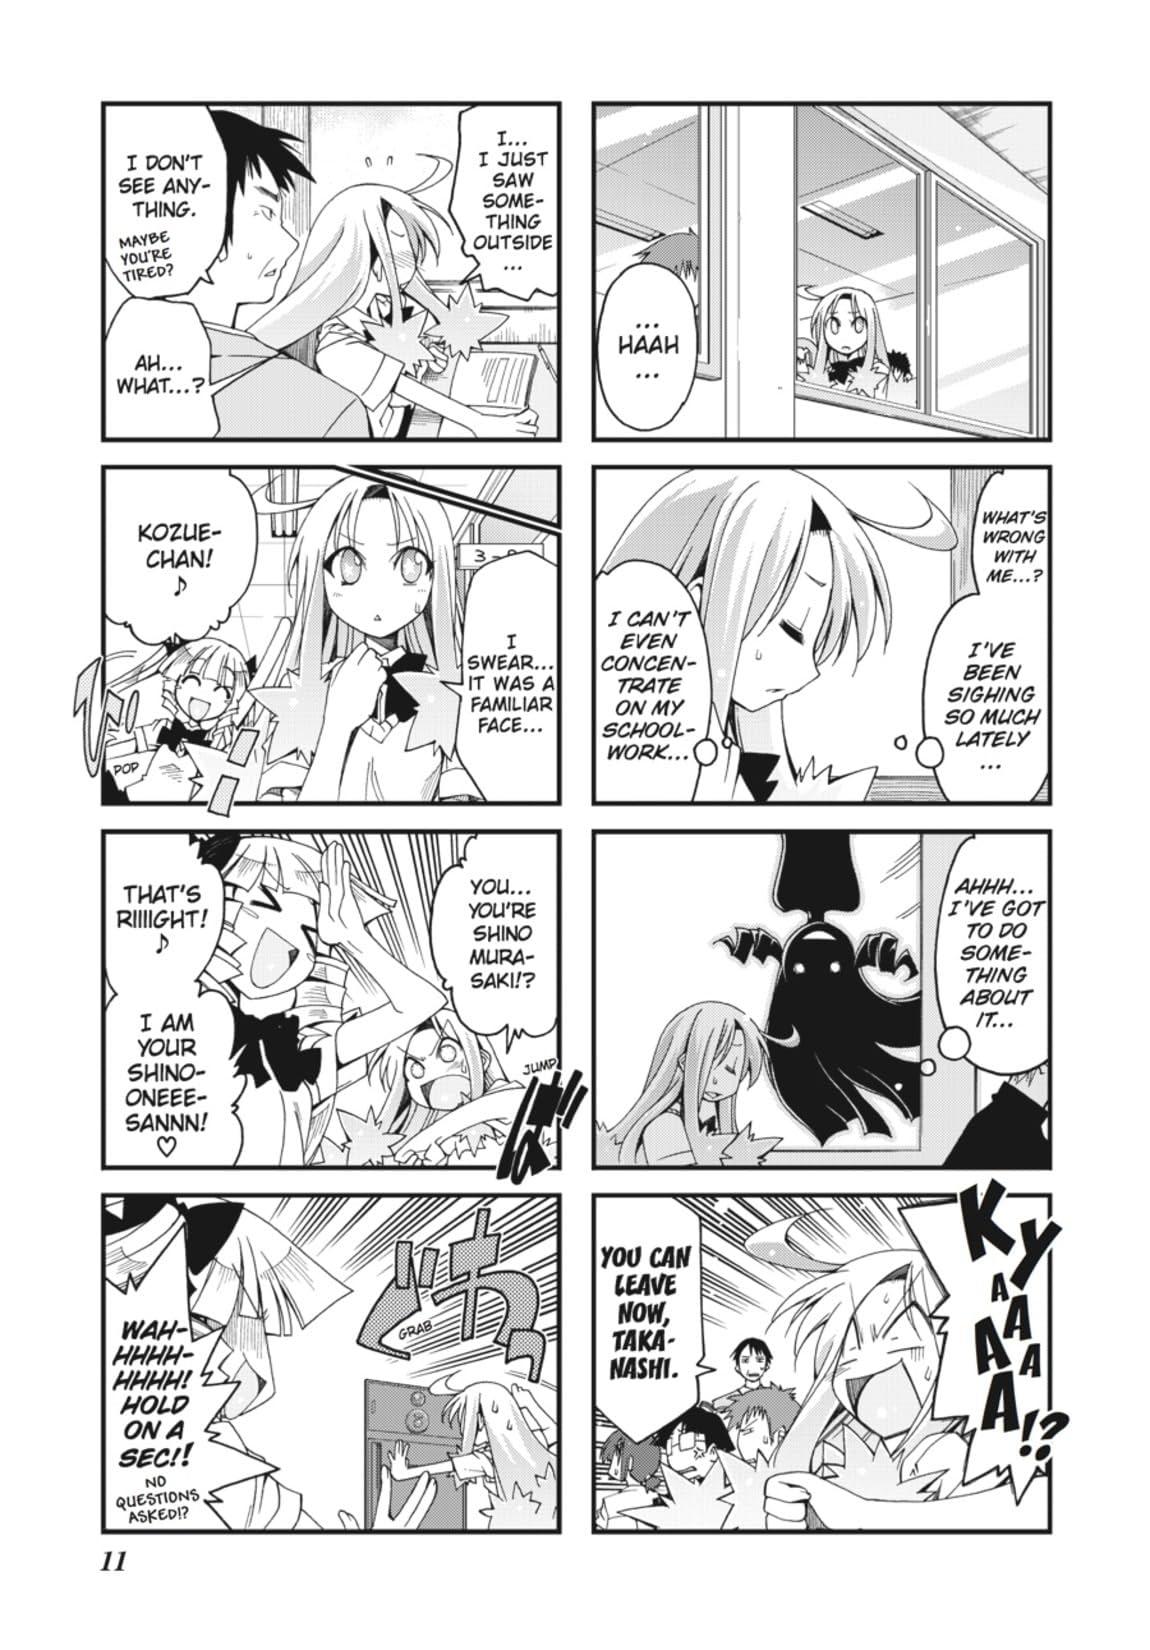 Ichiroh! Vol. 5